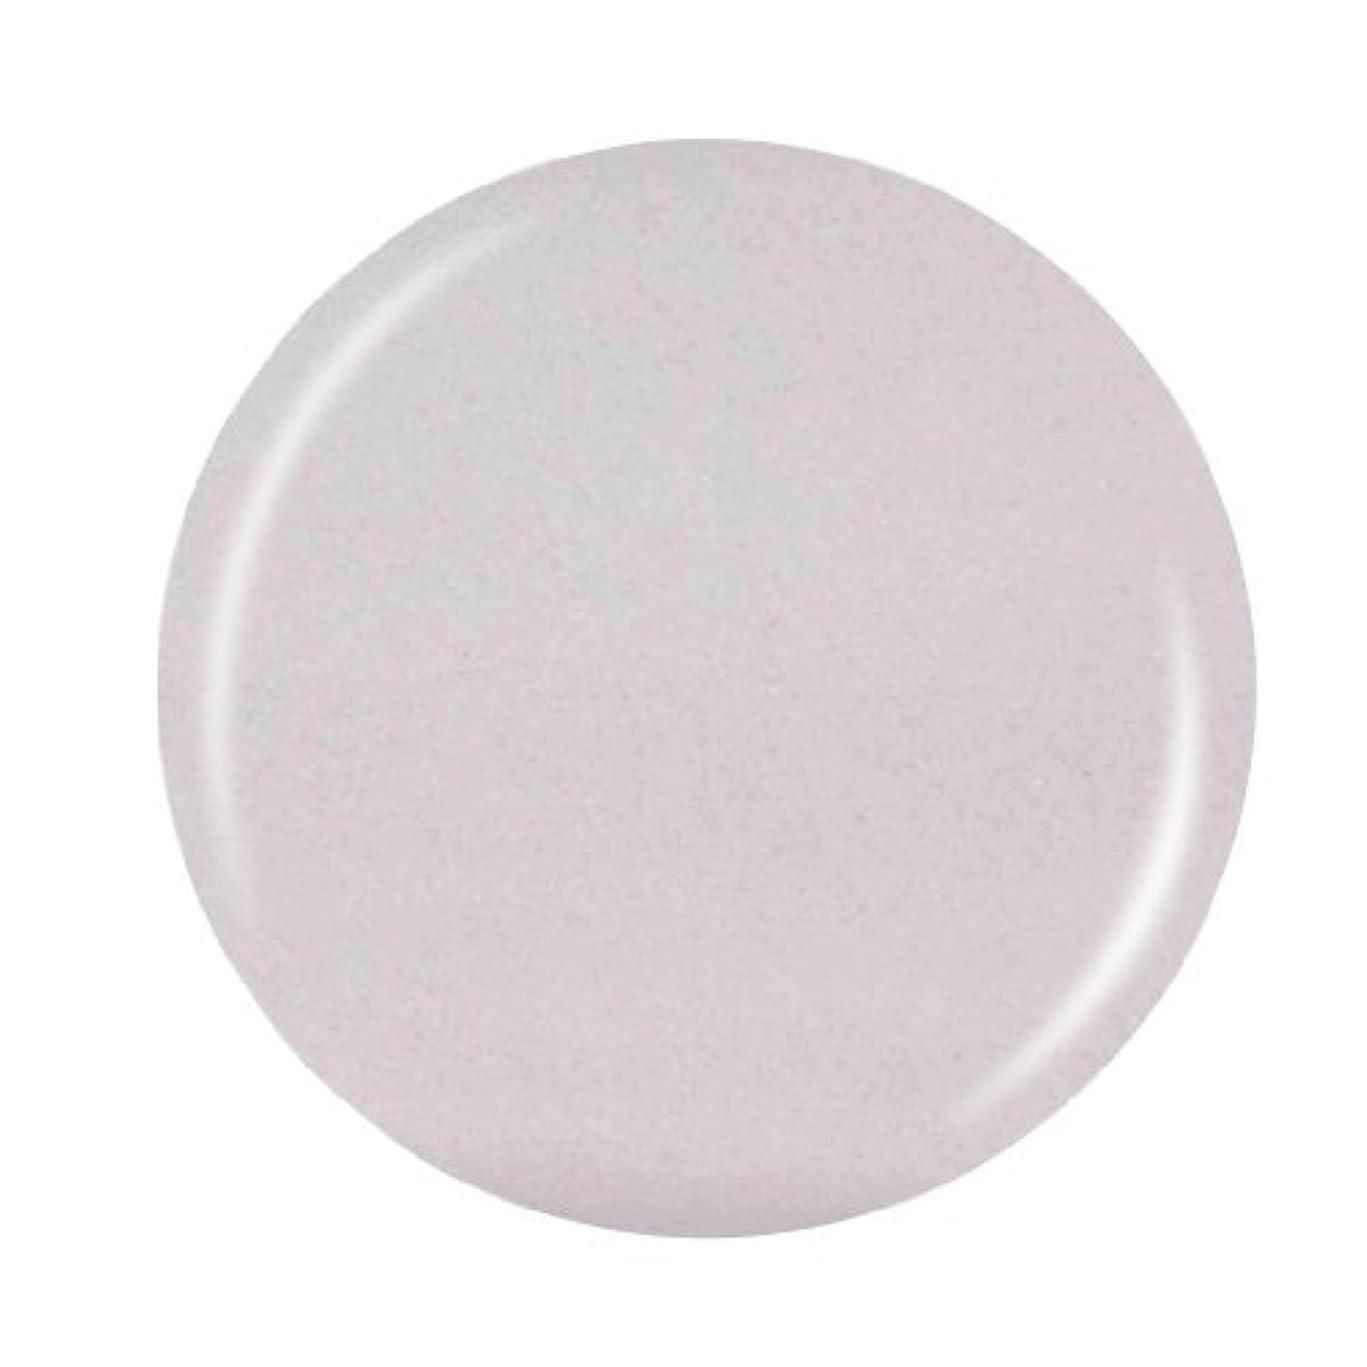 極端な観光に行くバイソンEzFlow Acrylic Powder - Murano Glass Collection - Wispy - 0.5oz / 14g